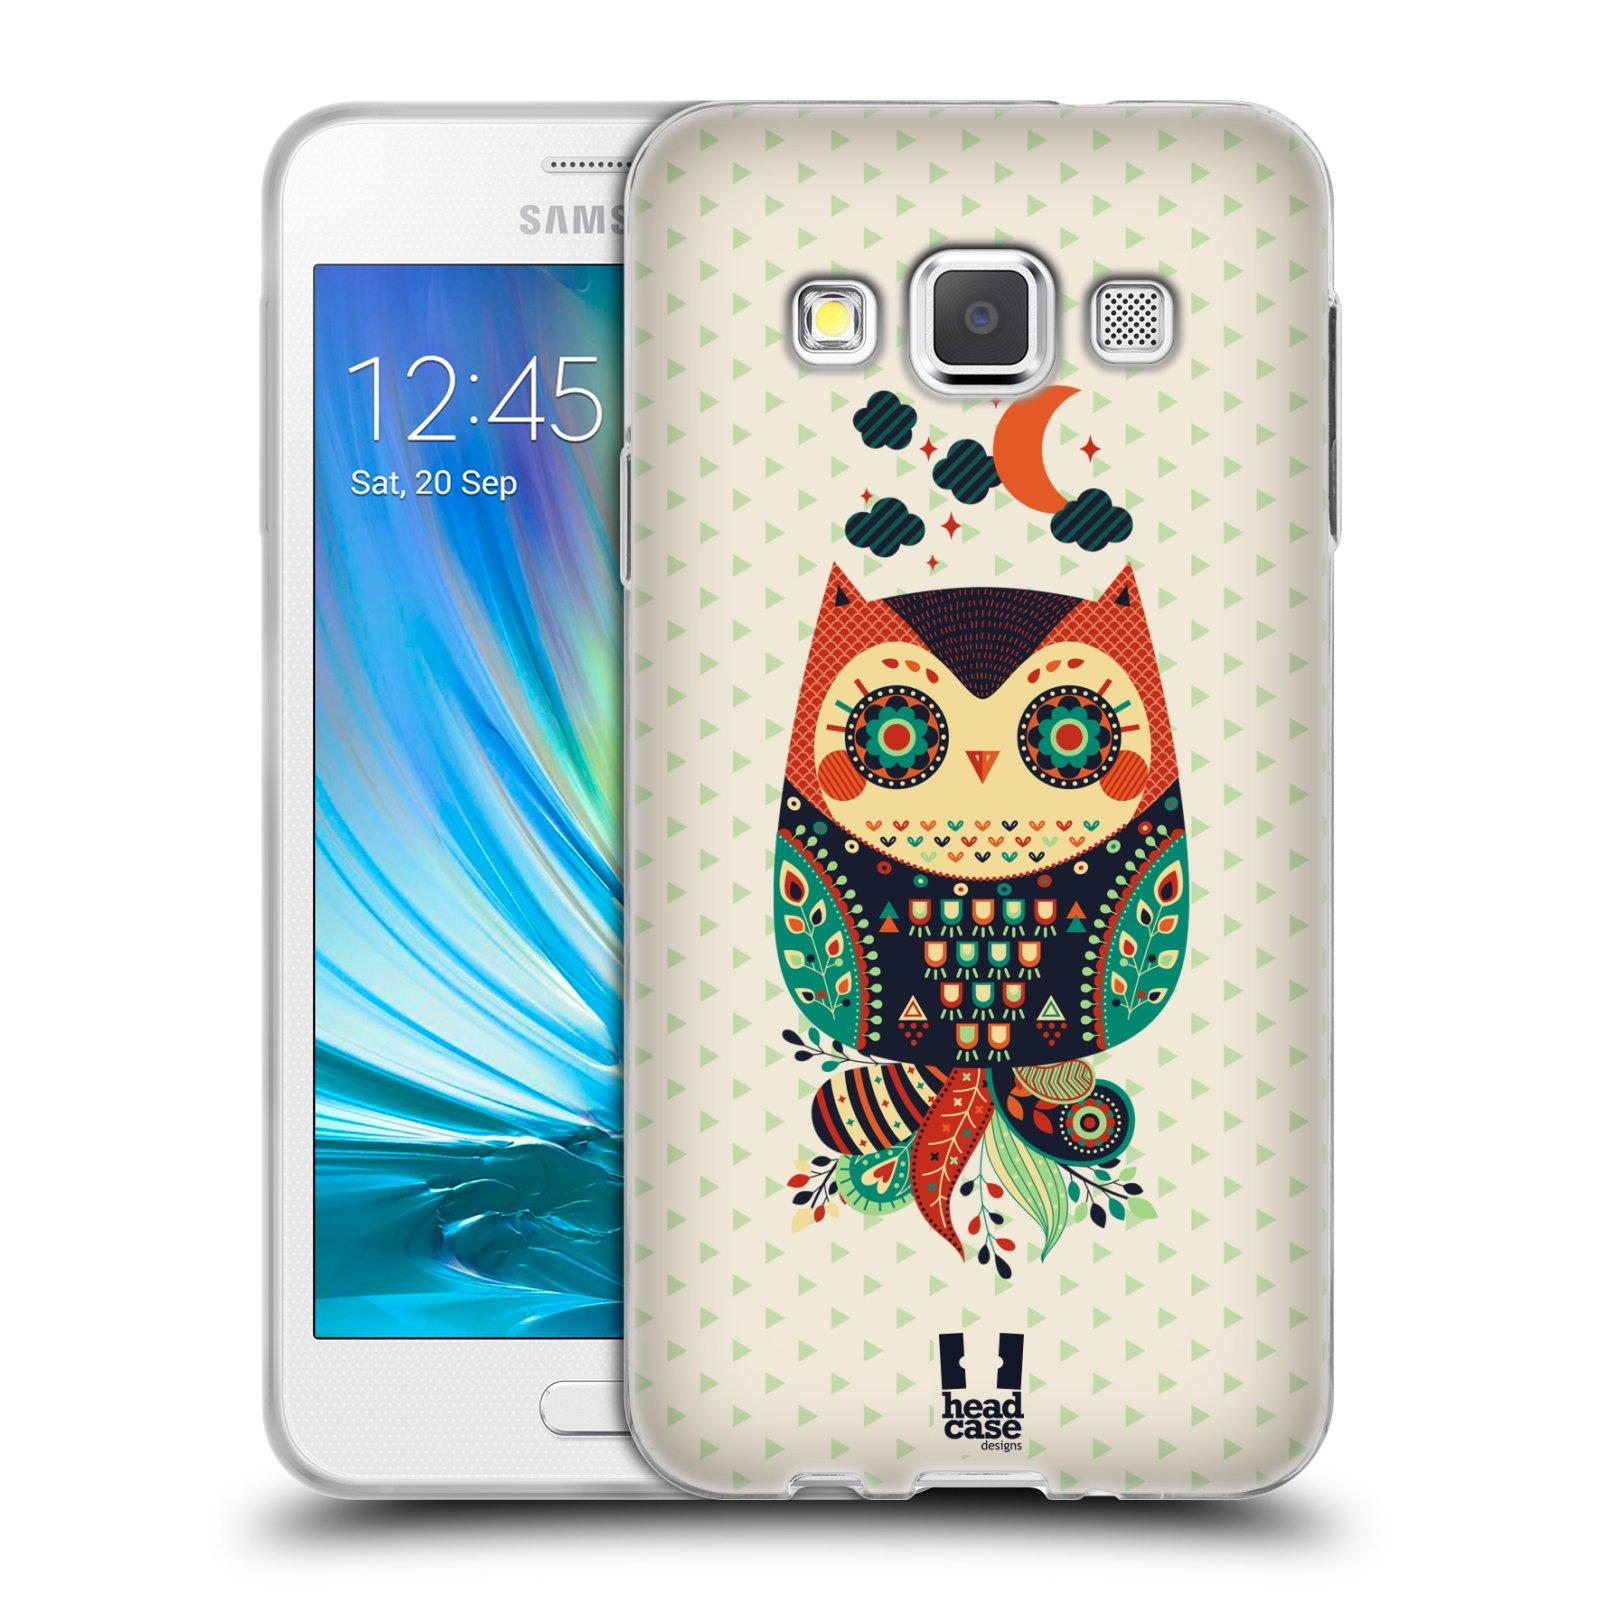 HEAD CASE silikonový obal na mobil Samsung Galaxy A3 vzor Stmívání sovička oranžová a zelená